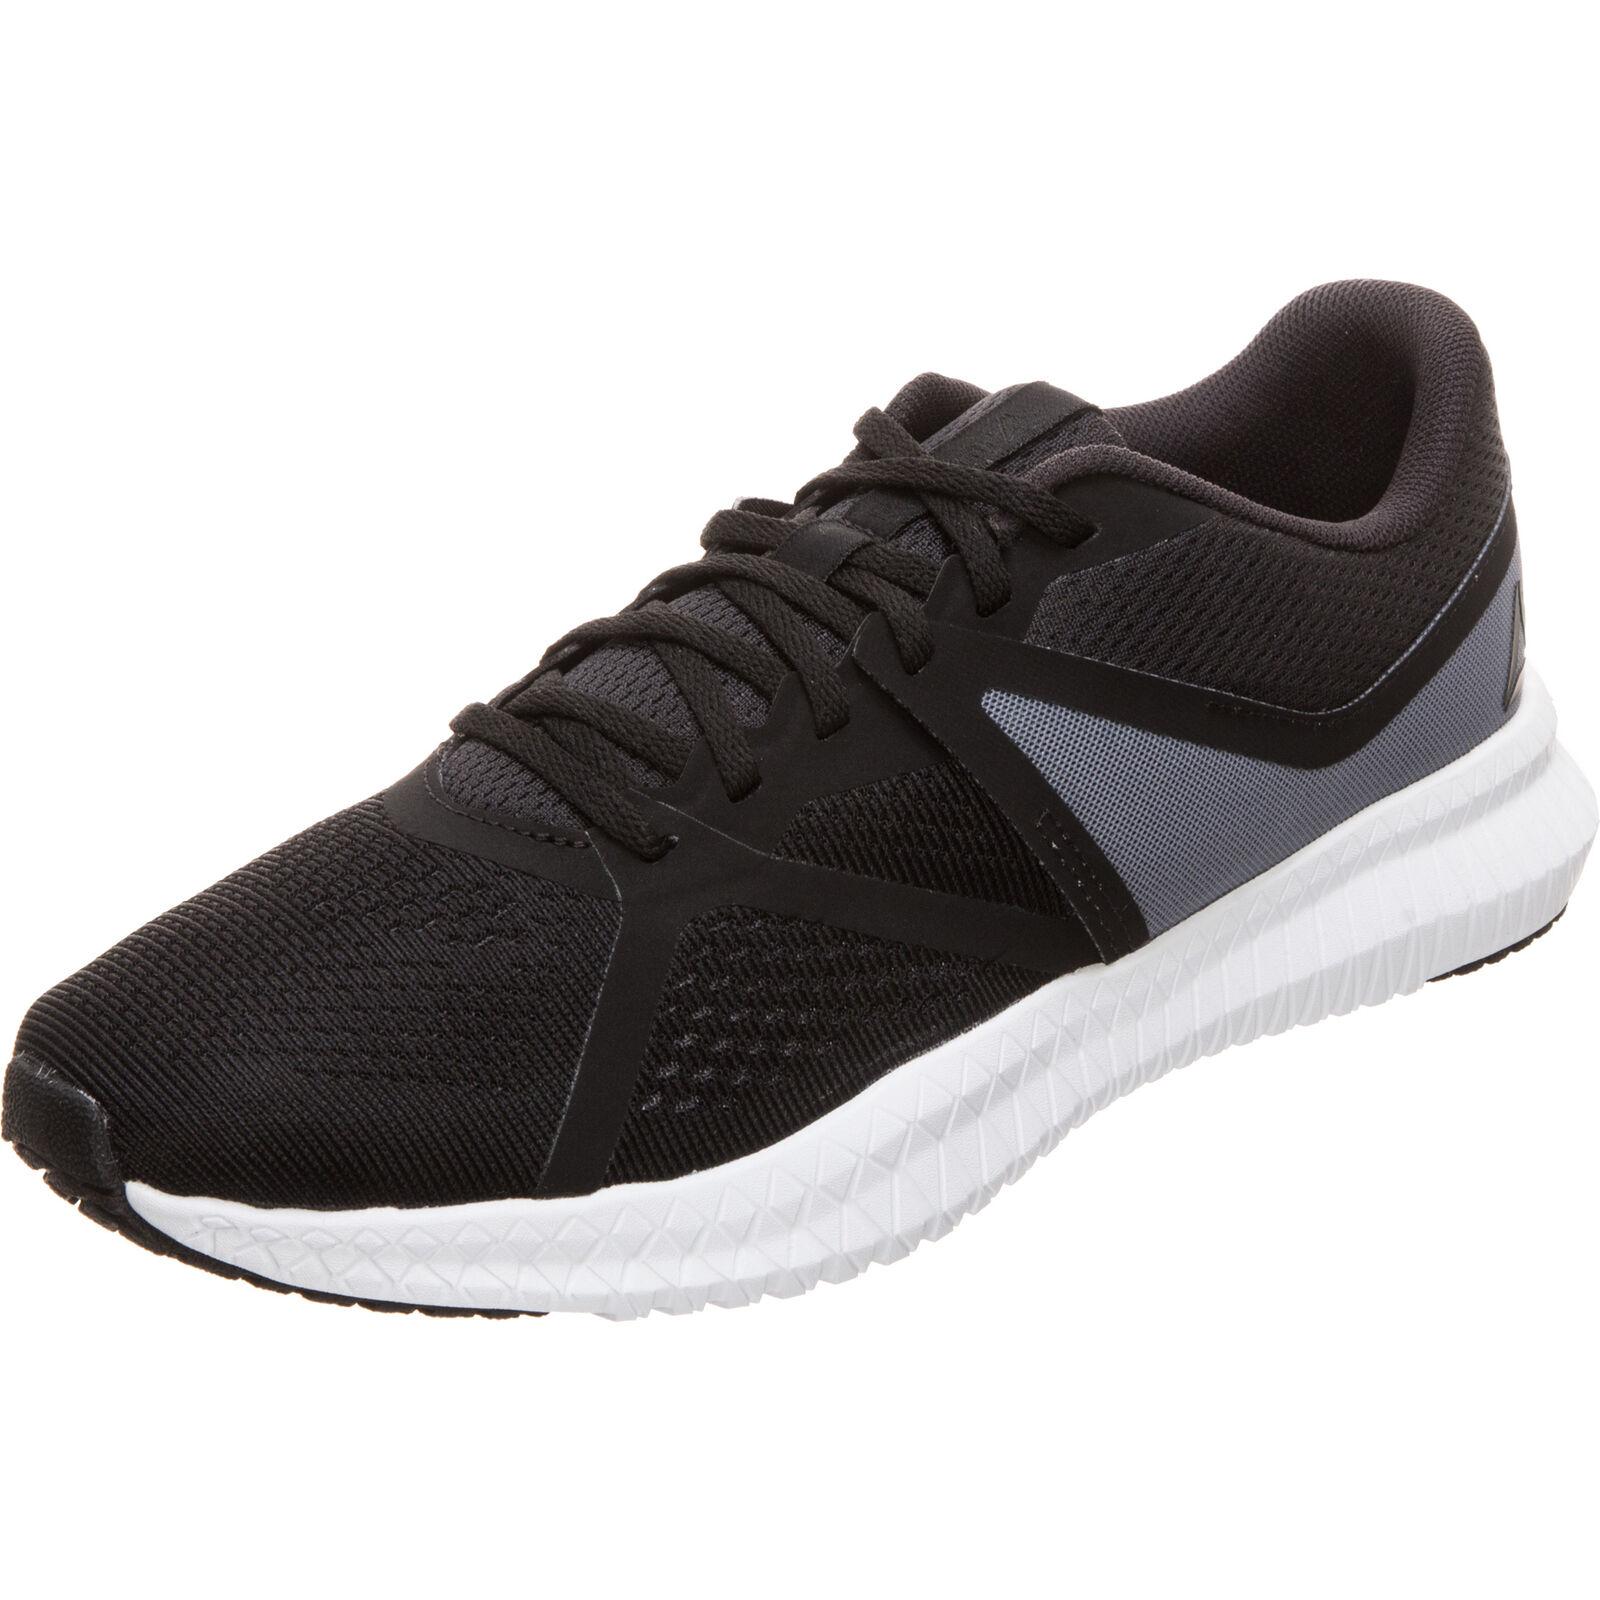 Reebok Flexagon Fit Trainingsschuh Damen NEU Schuhe Turnschuhe